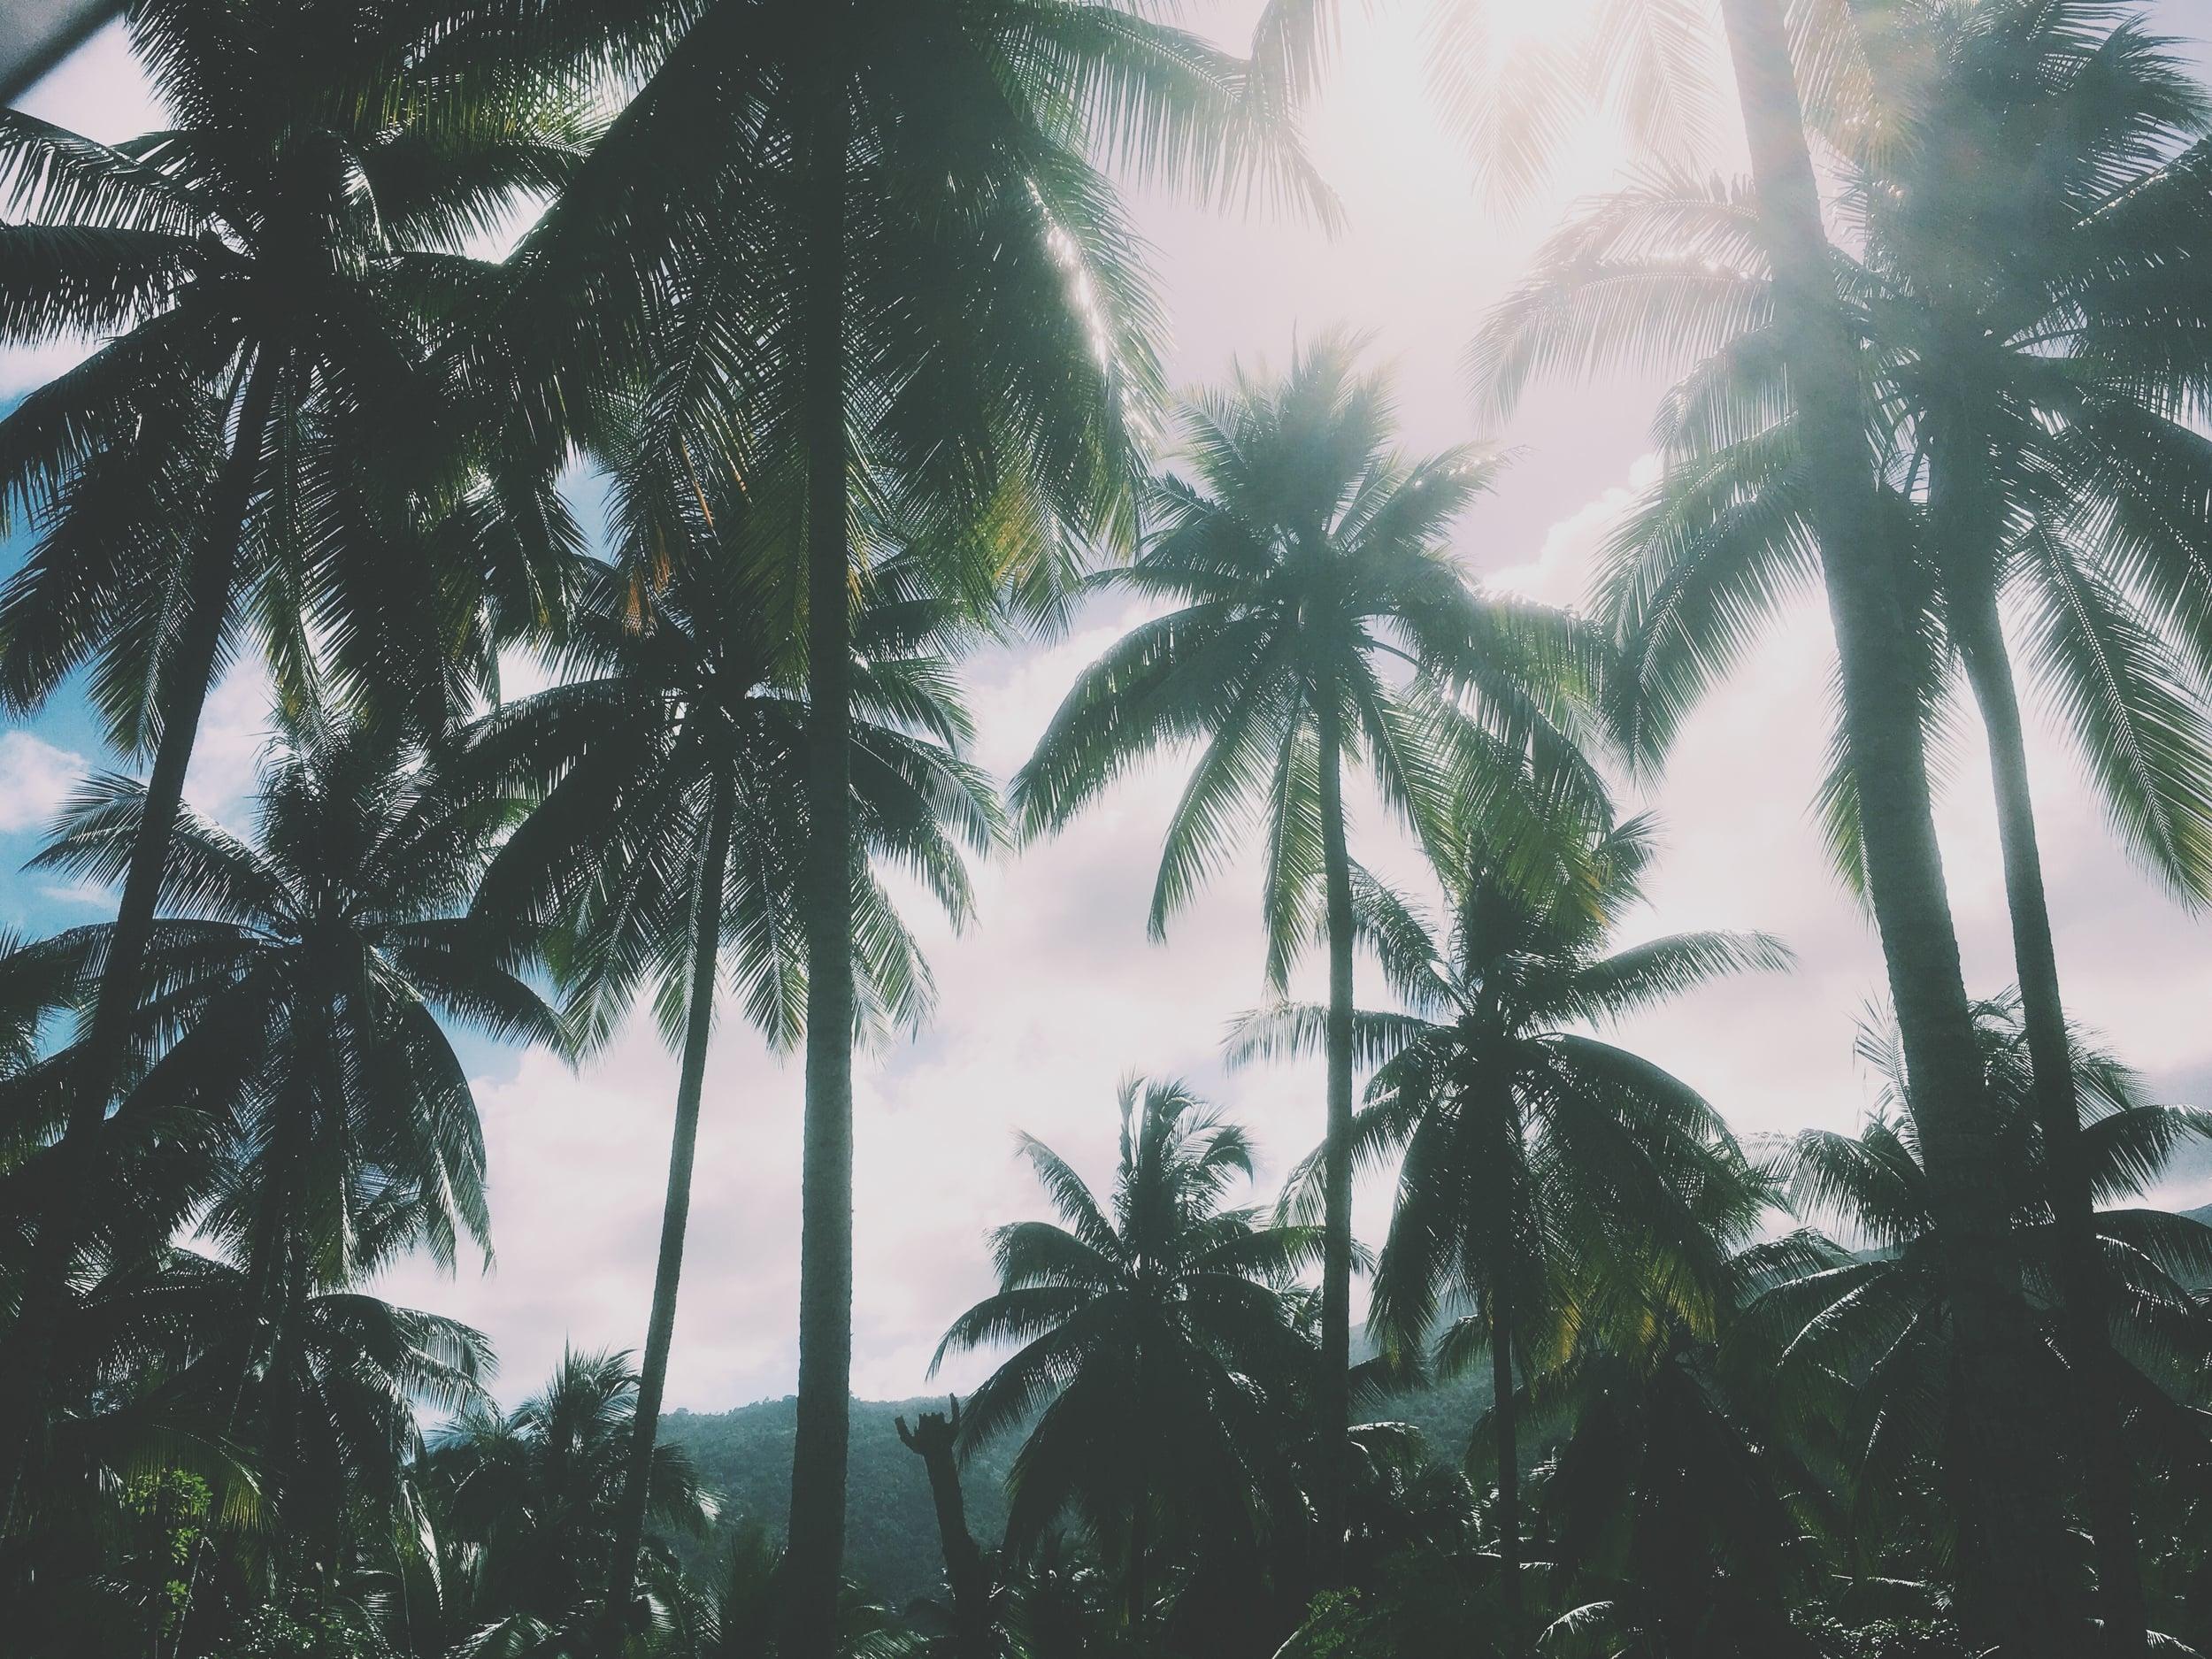 Coconut plantation near See Me No More, Portland paris, Jamaica